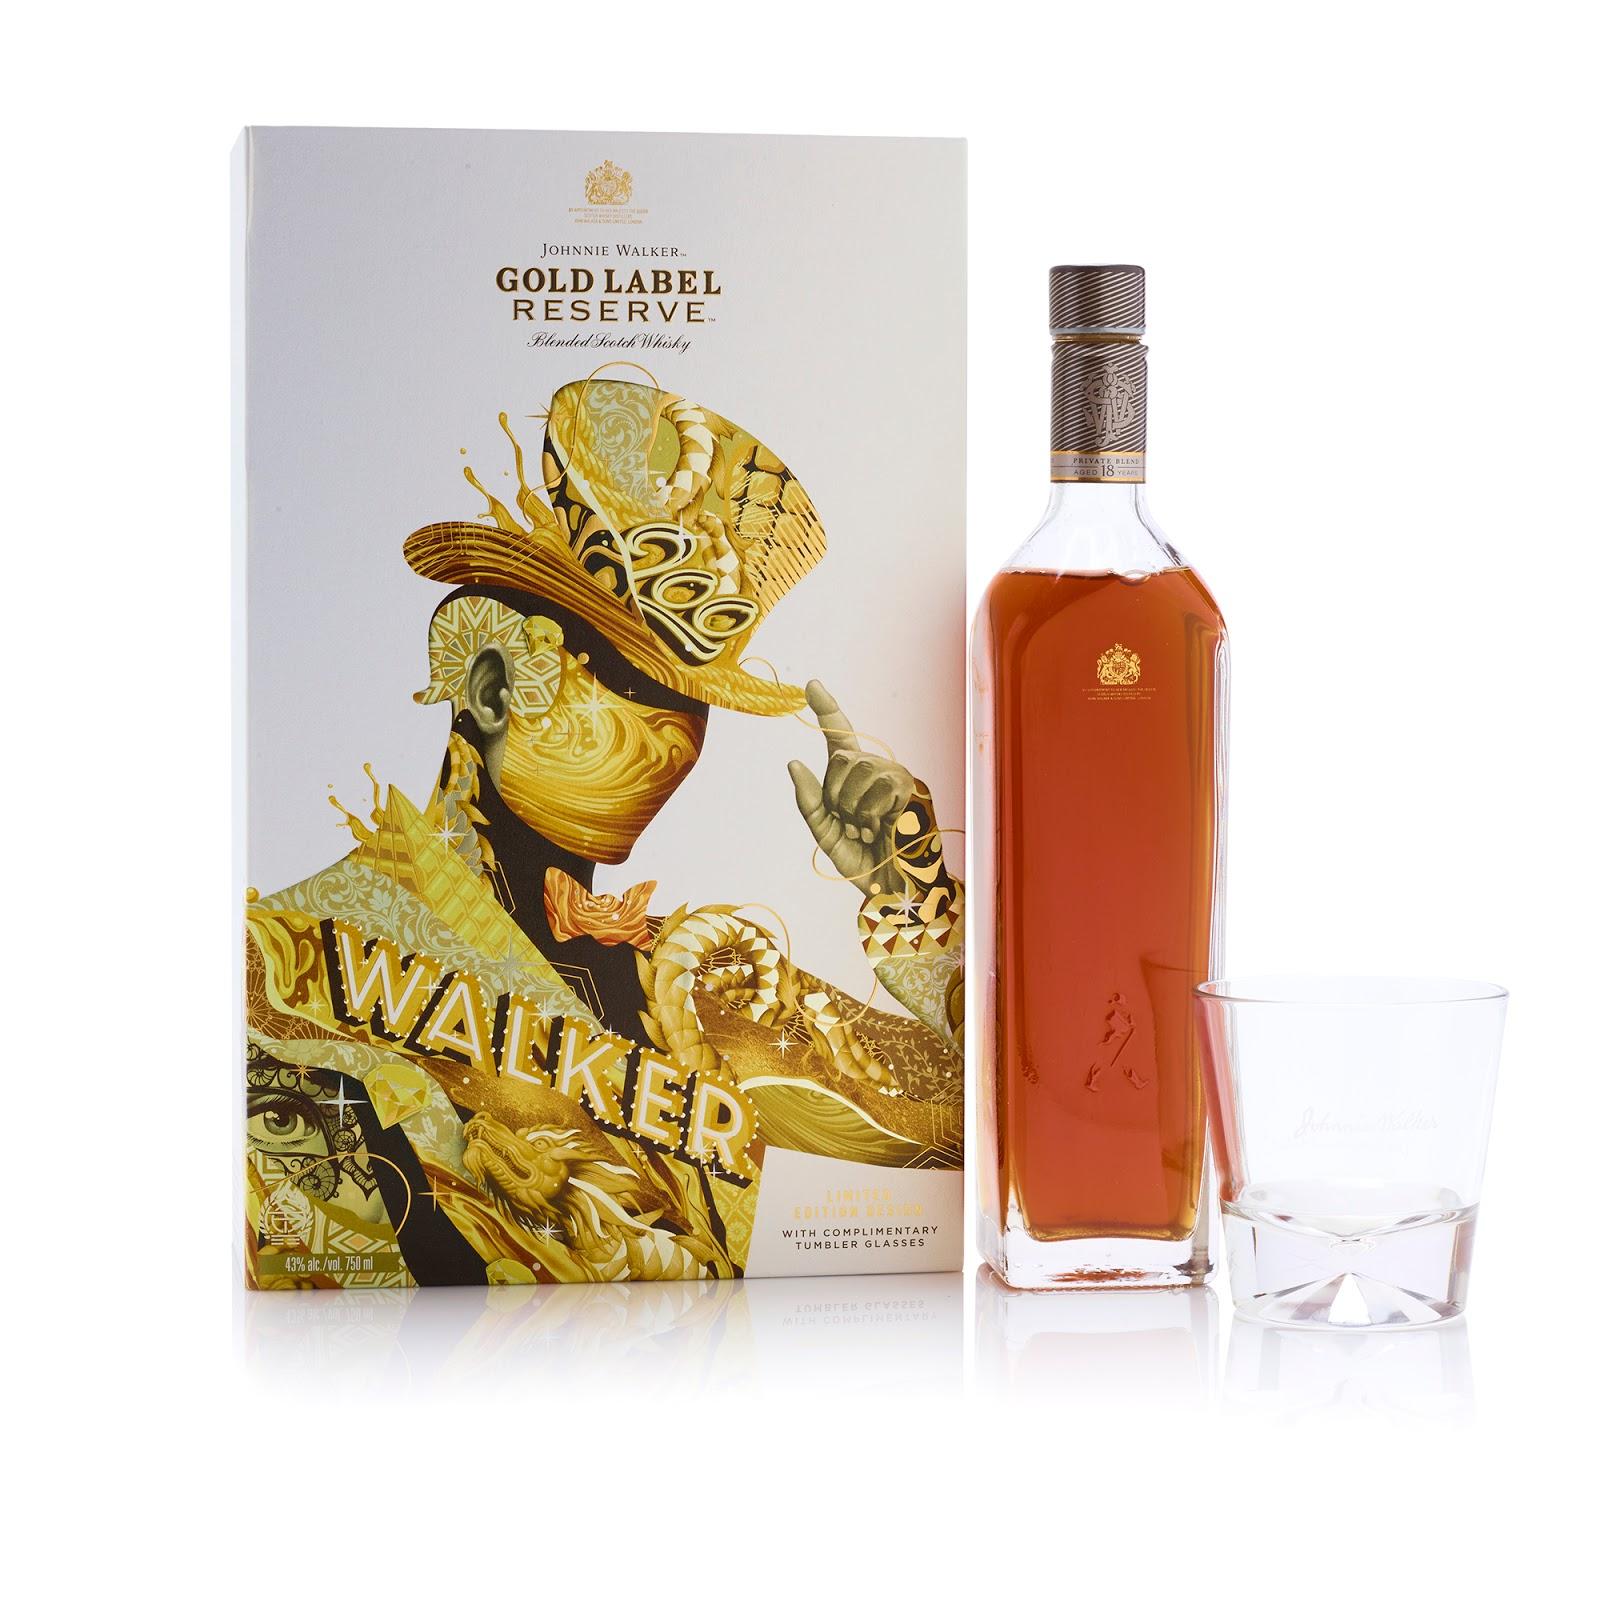 Johnnie Walker Gold Label Reserve Diageos Artist Series